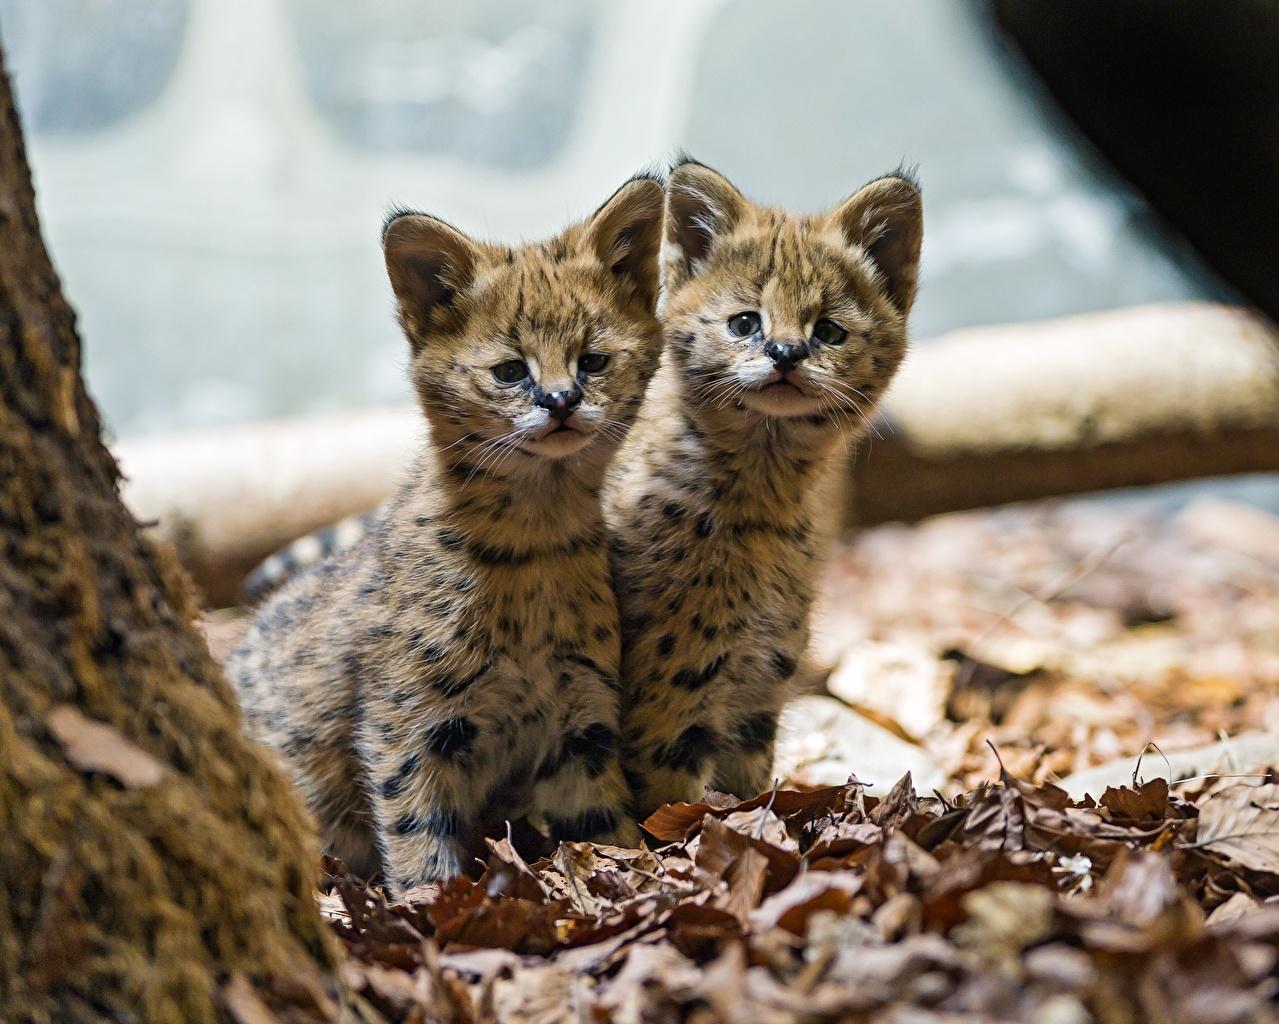 壁紙 飼い猫 若い動物 サーバル 2 二つ 動物 ダウンロード 写真